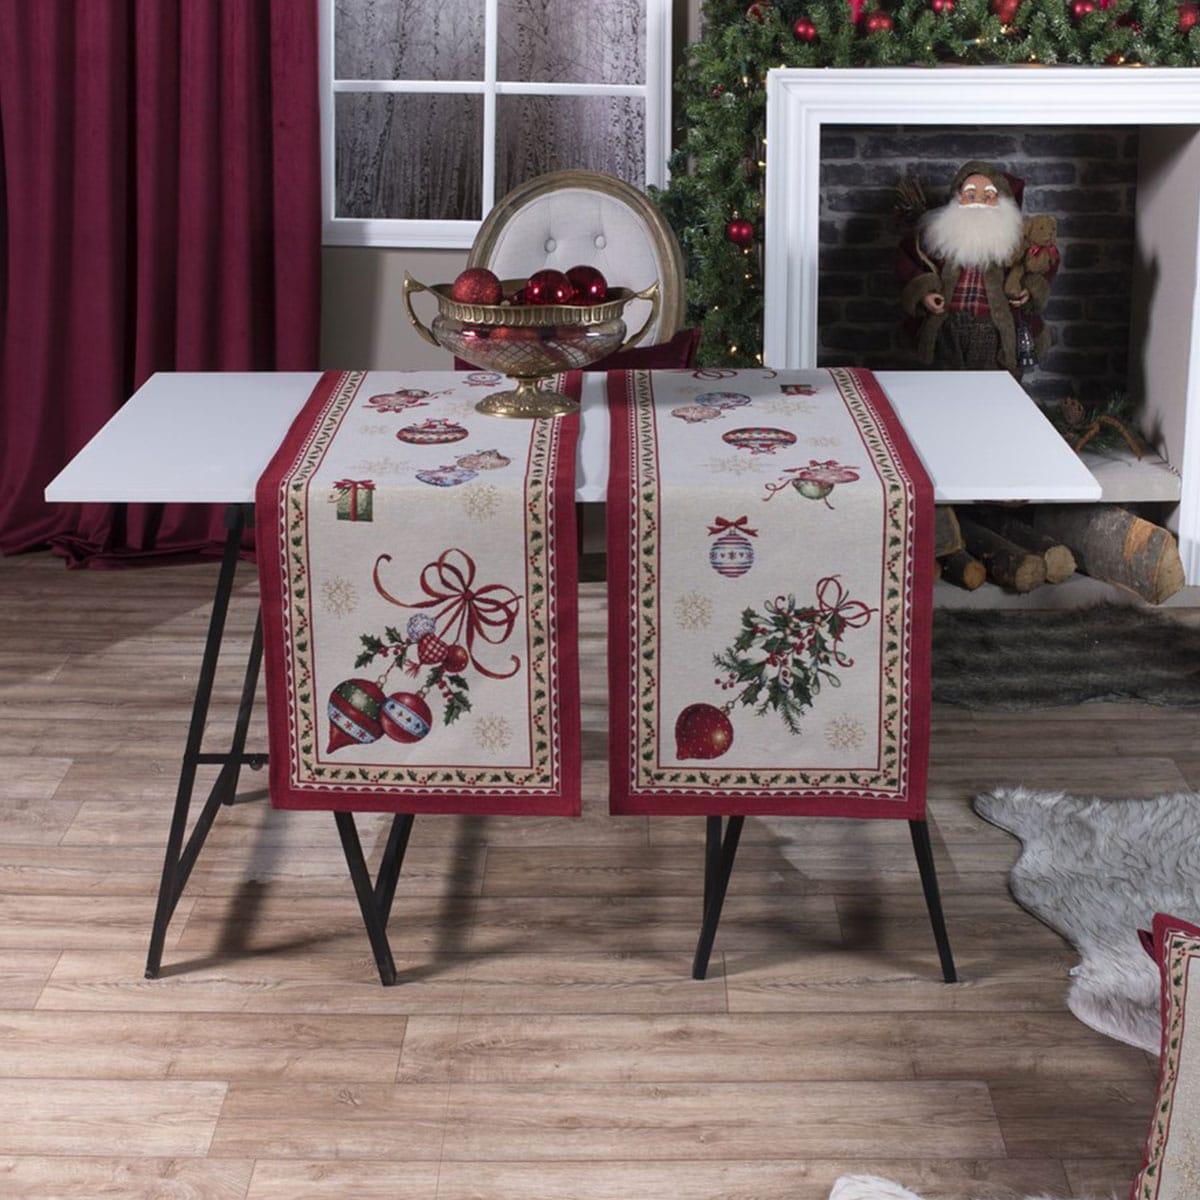 Τραβέρσα Χριστουγεννιάτικη Noel Multi Teoran 40Χ150 45x140cm